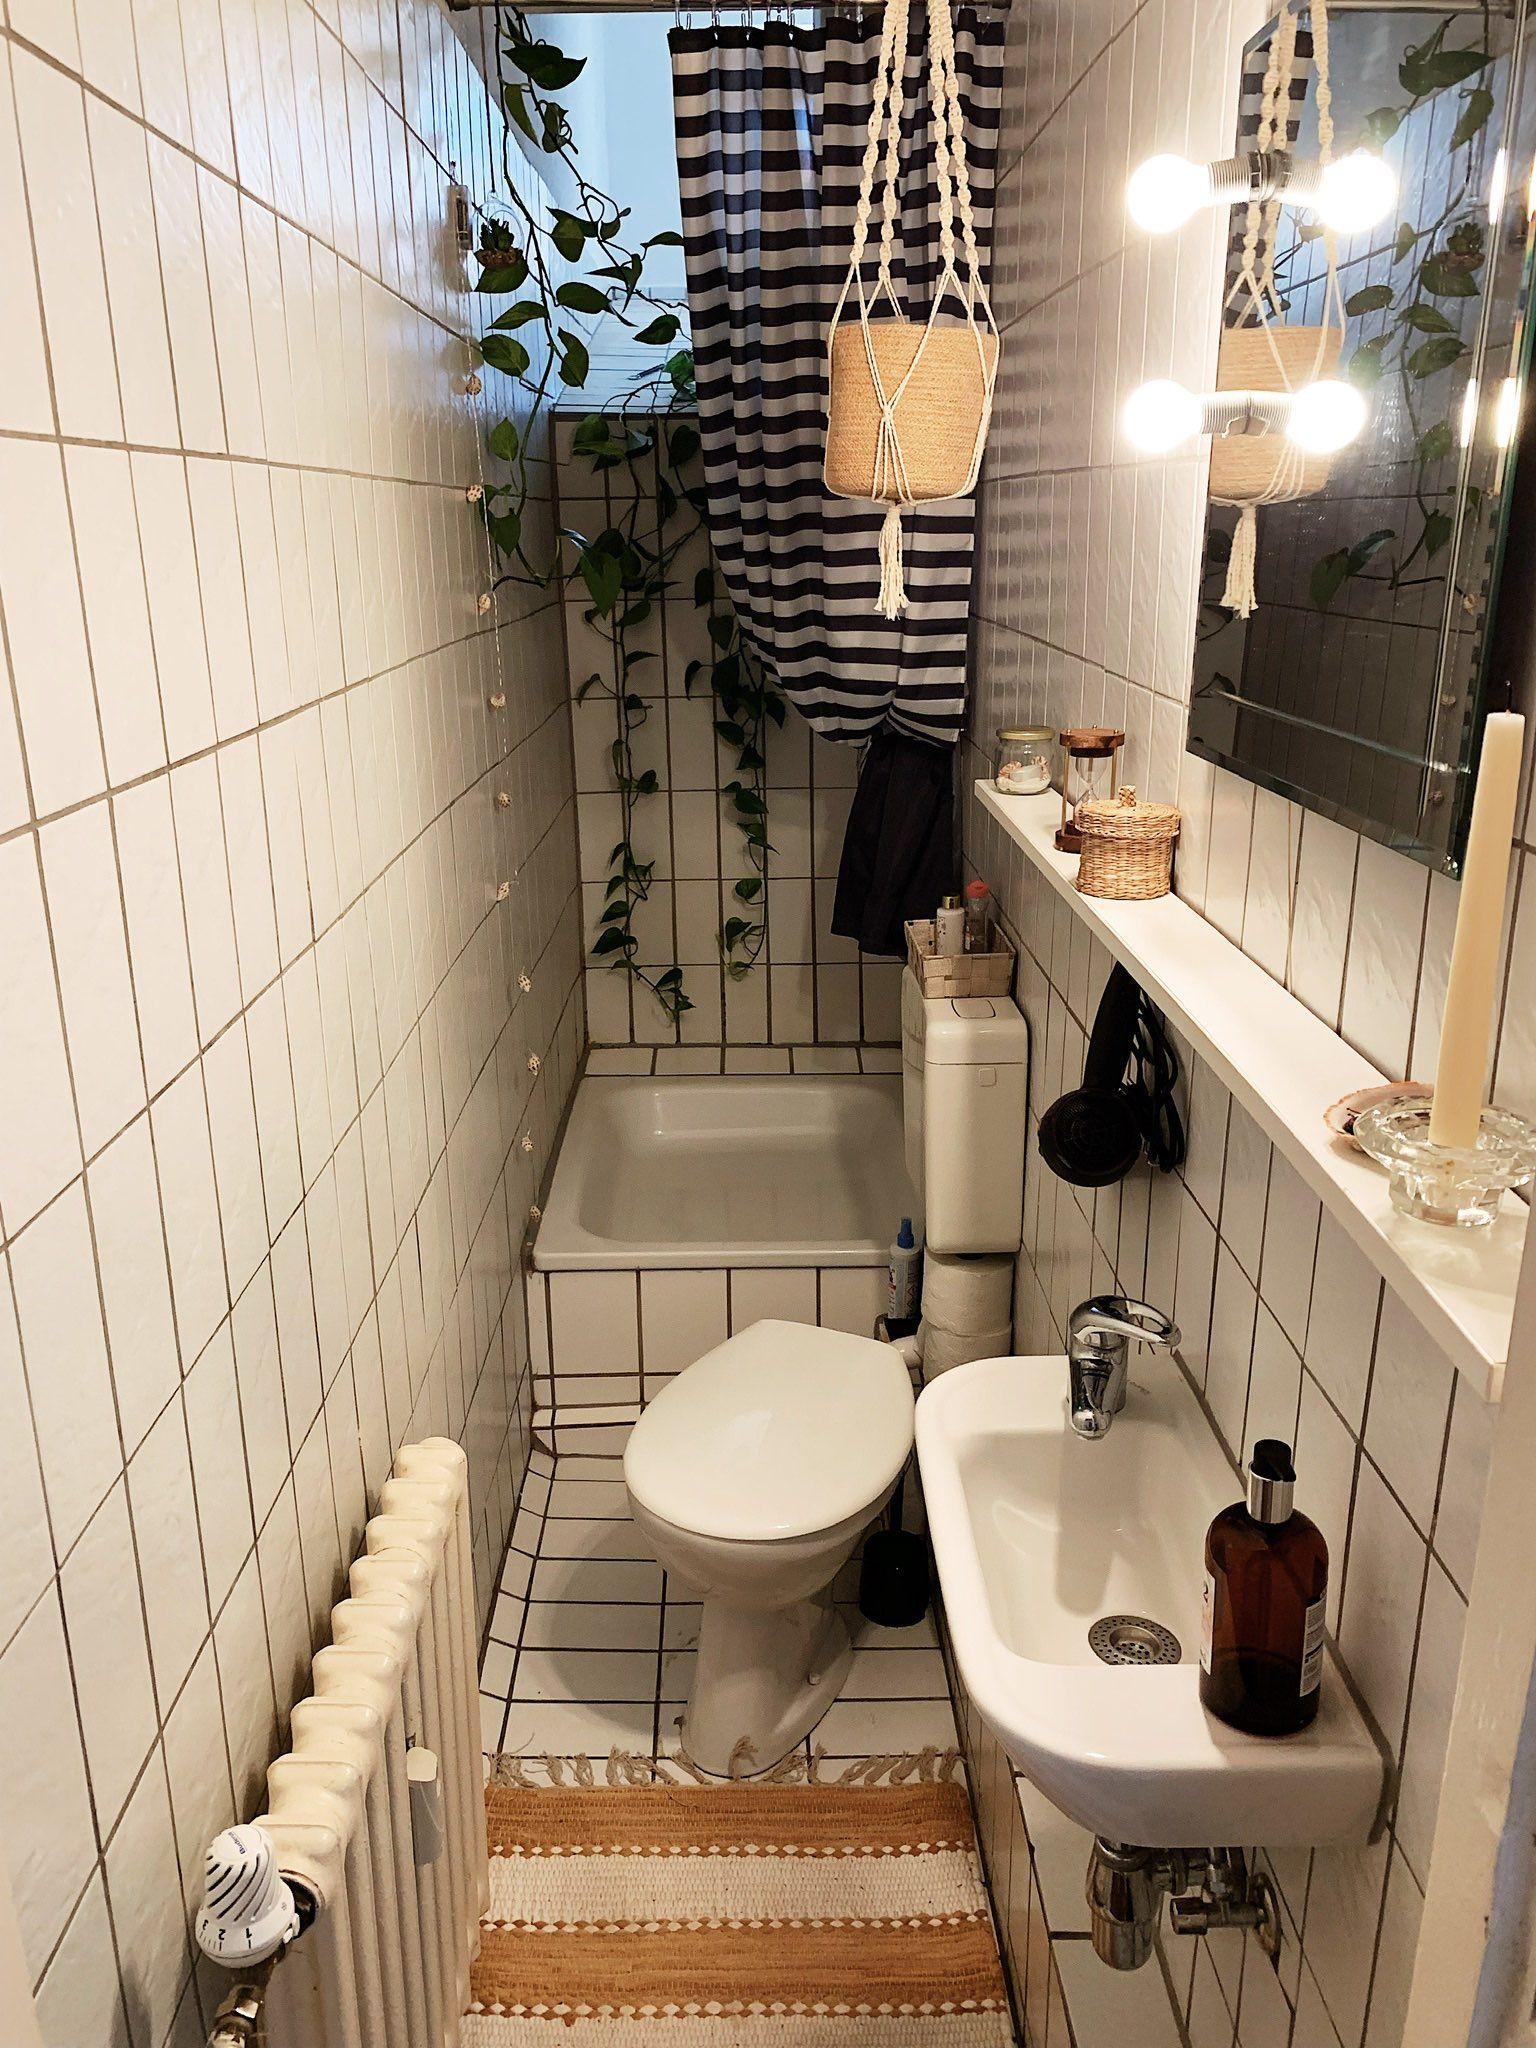 Schmales Helles Tageslichtbad In Berlin Bad Badezimmer Schmal Fliesen Teppich Pflanzen Duschvorhang Spiegel Wggesucht Schone Badezimmer Altbau Und Kleine Bader